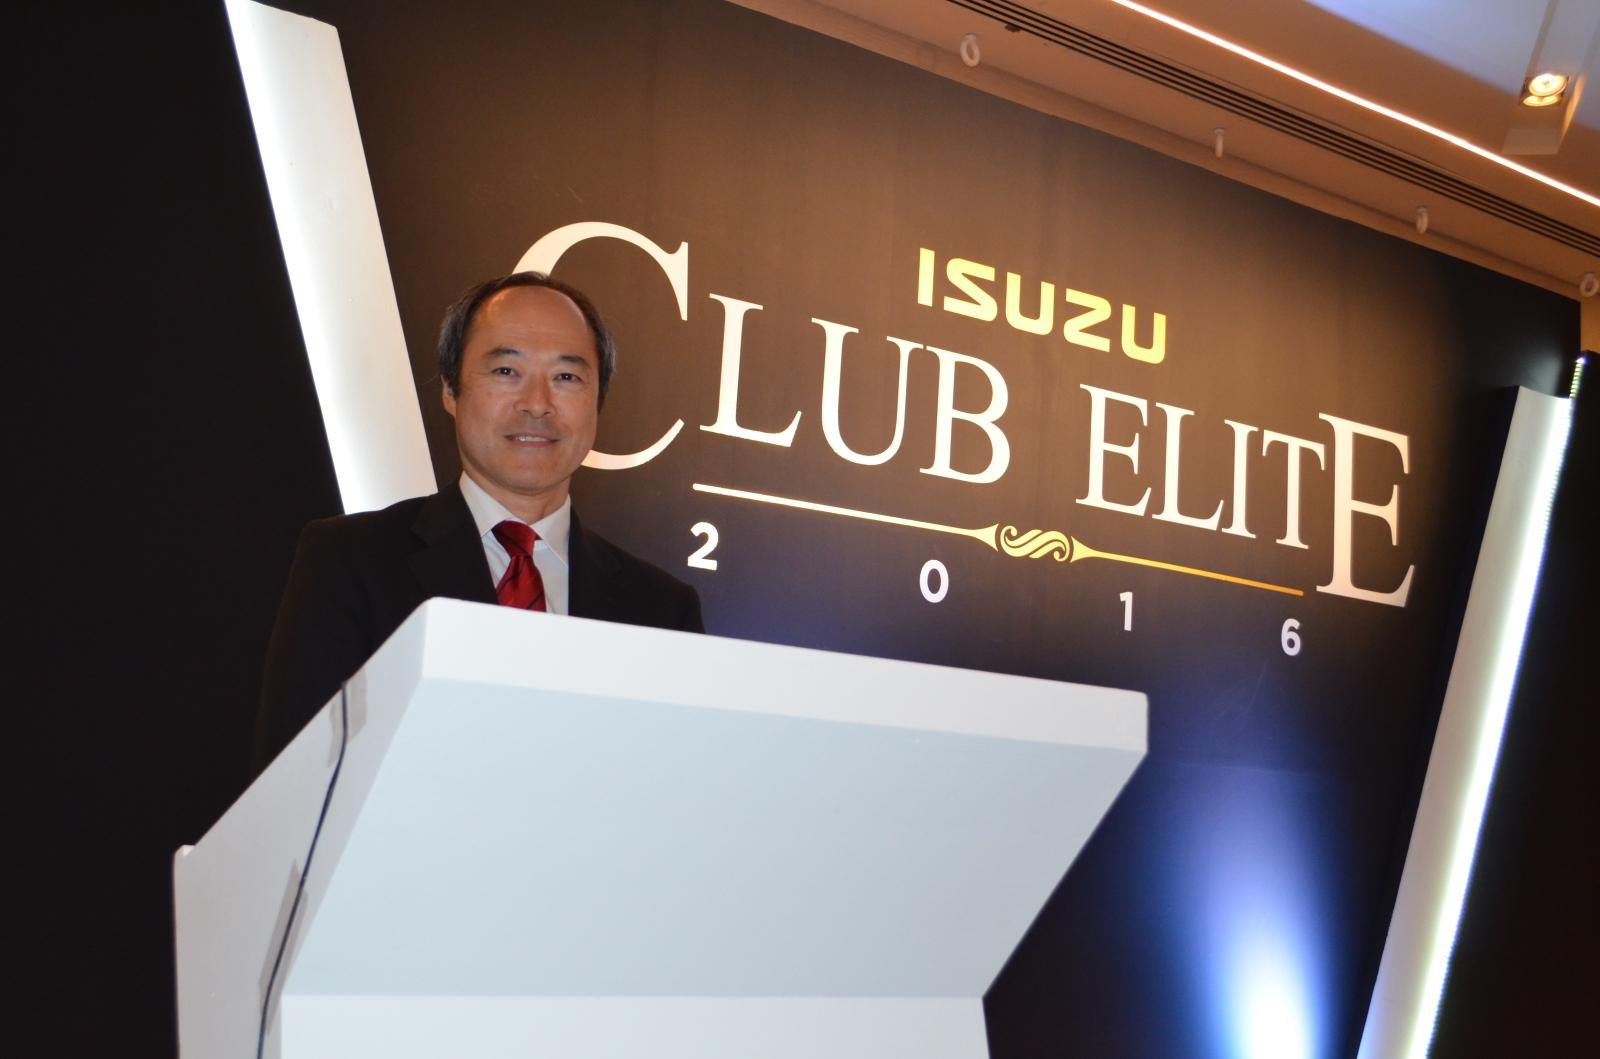 Club Elite, premio al esfuerzo de concesionarios Isuzu